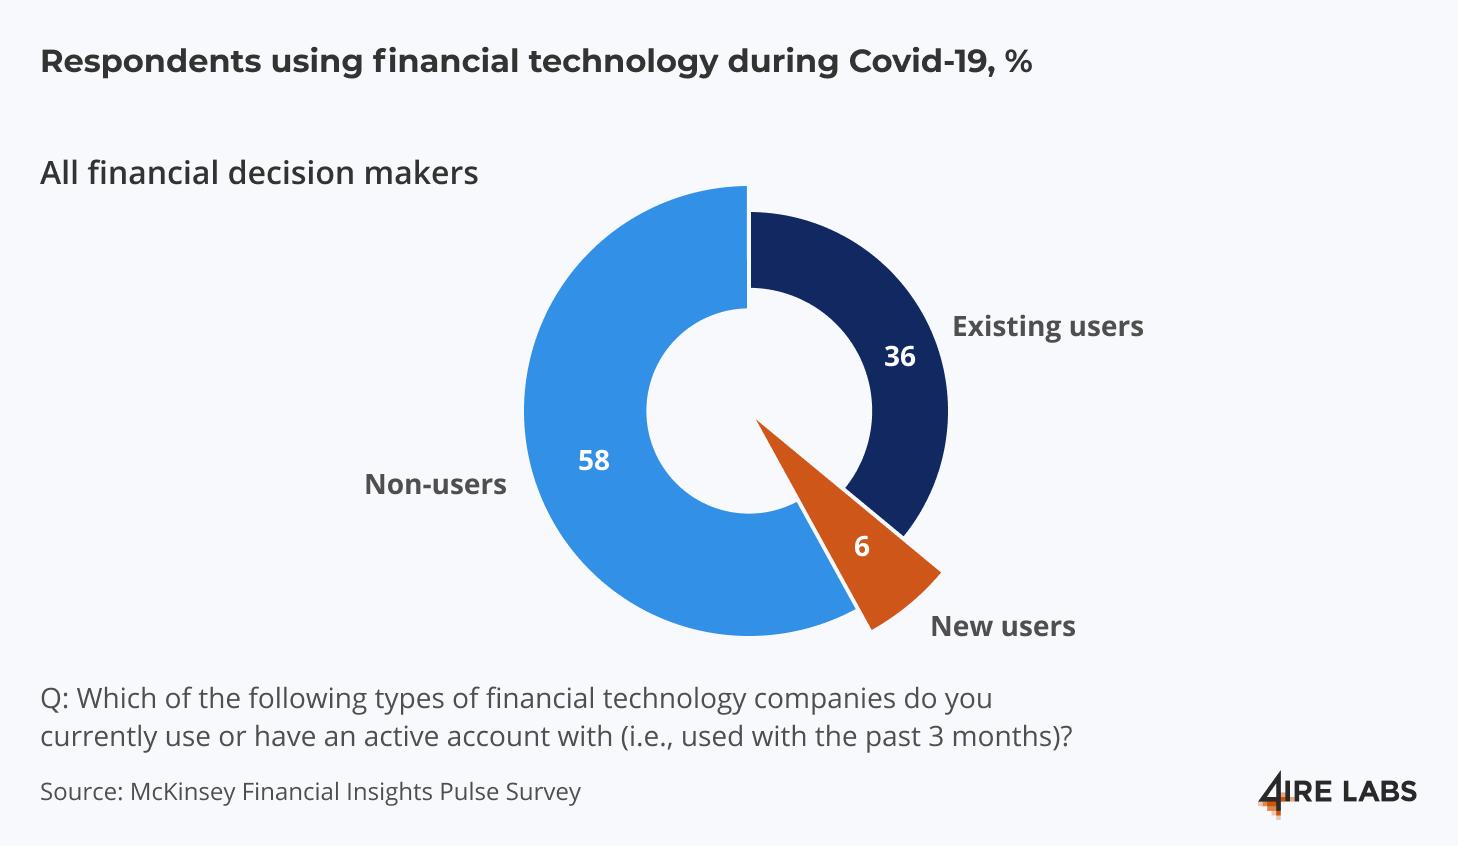 respondents using fintech